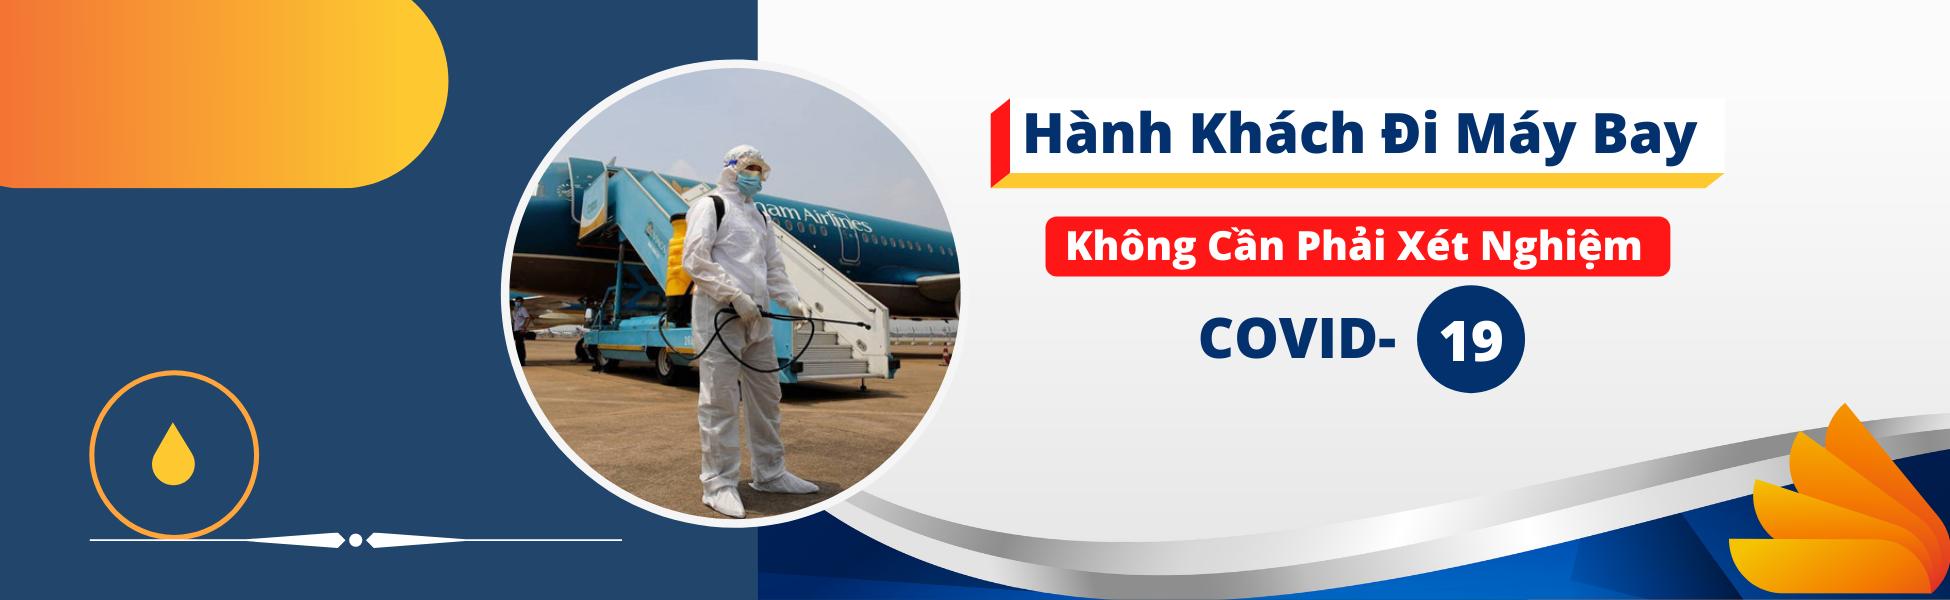 Mới: Hành khách đi máy bay không cần phải xét nghiệm Covid-19